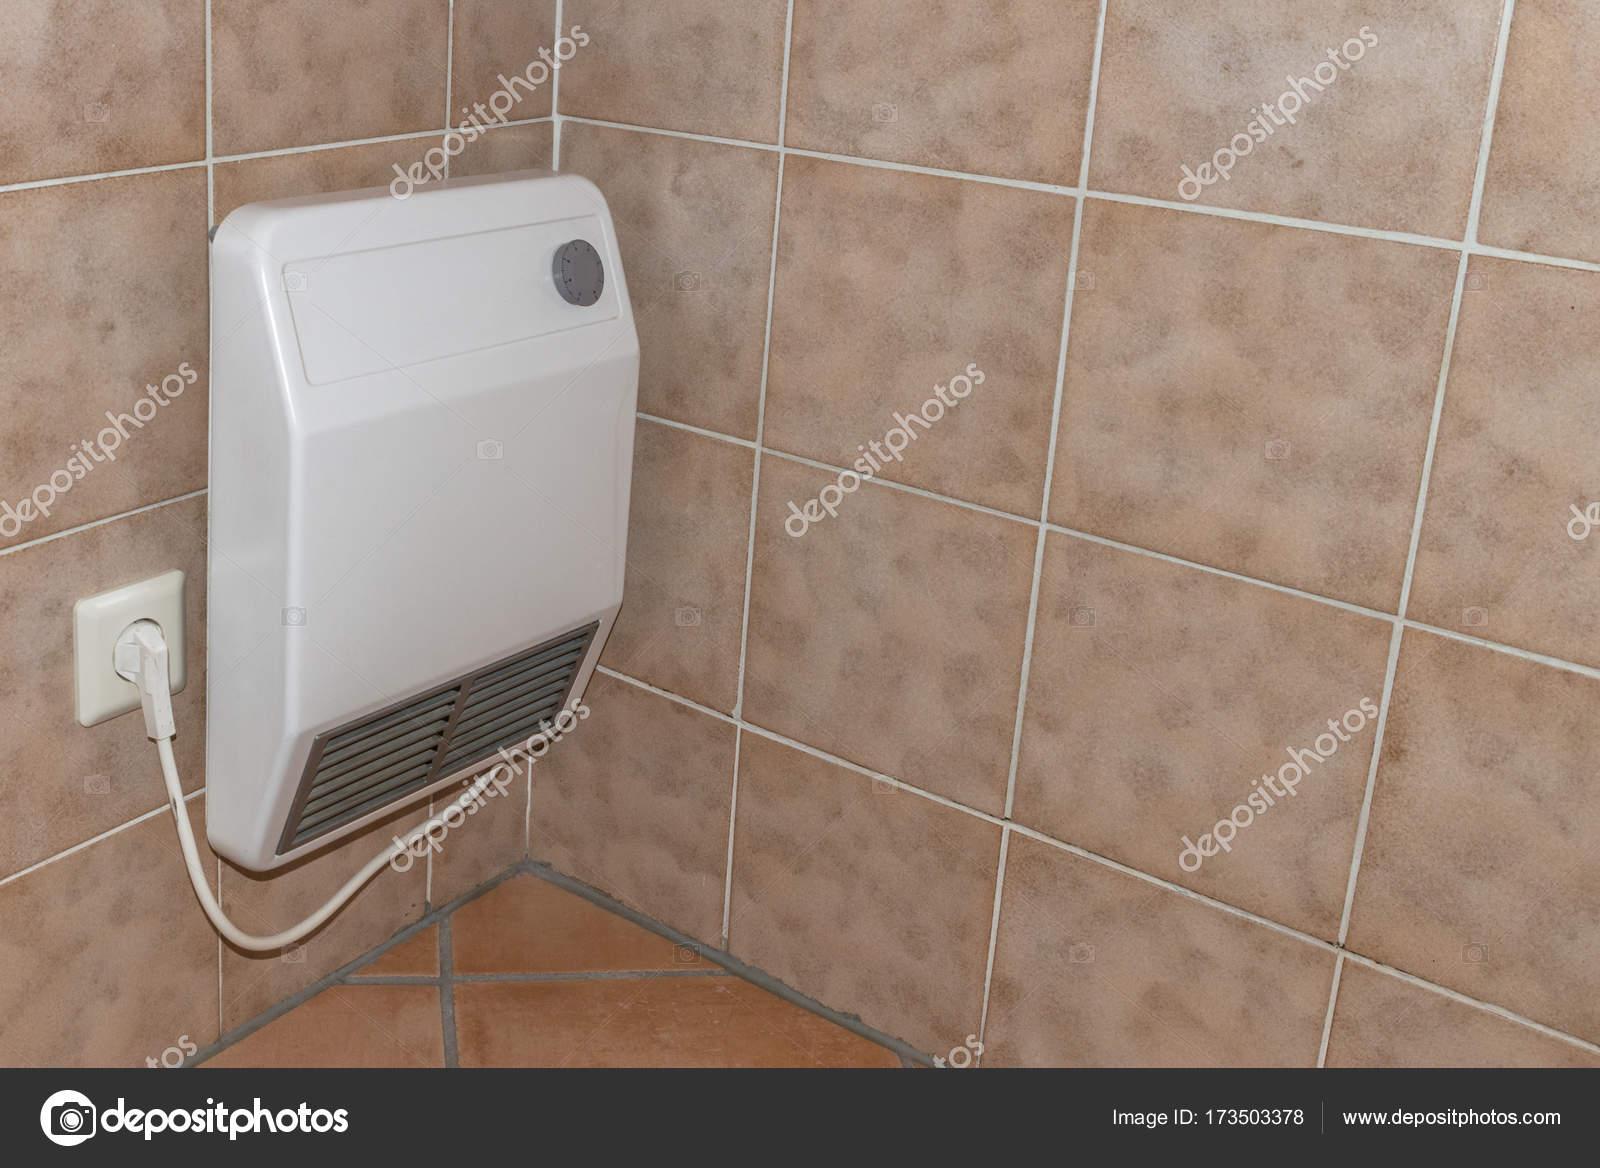 Vintage oude elektrische verwarming in een badkamer u stockfoto